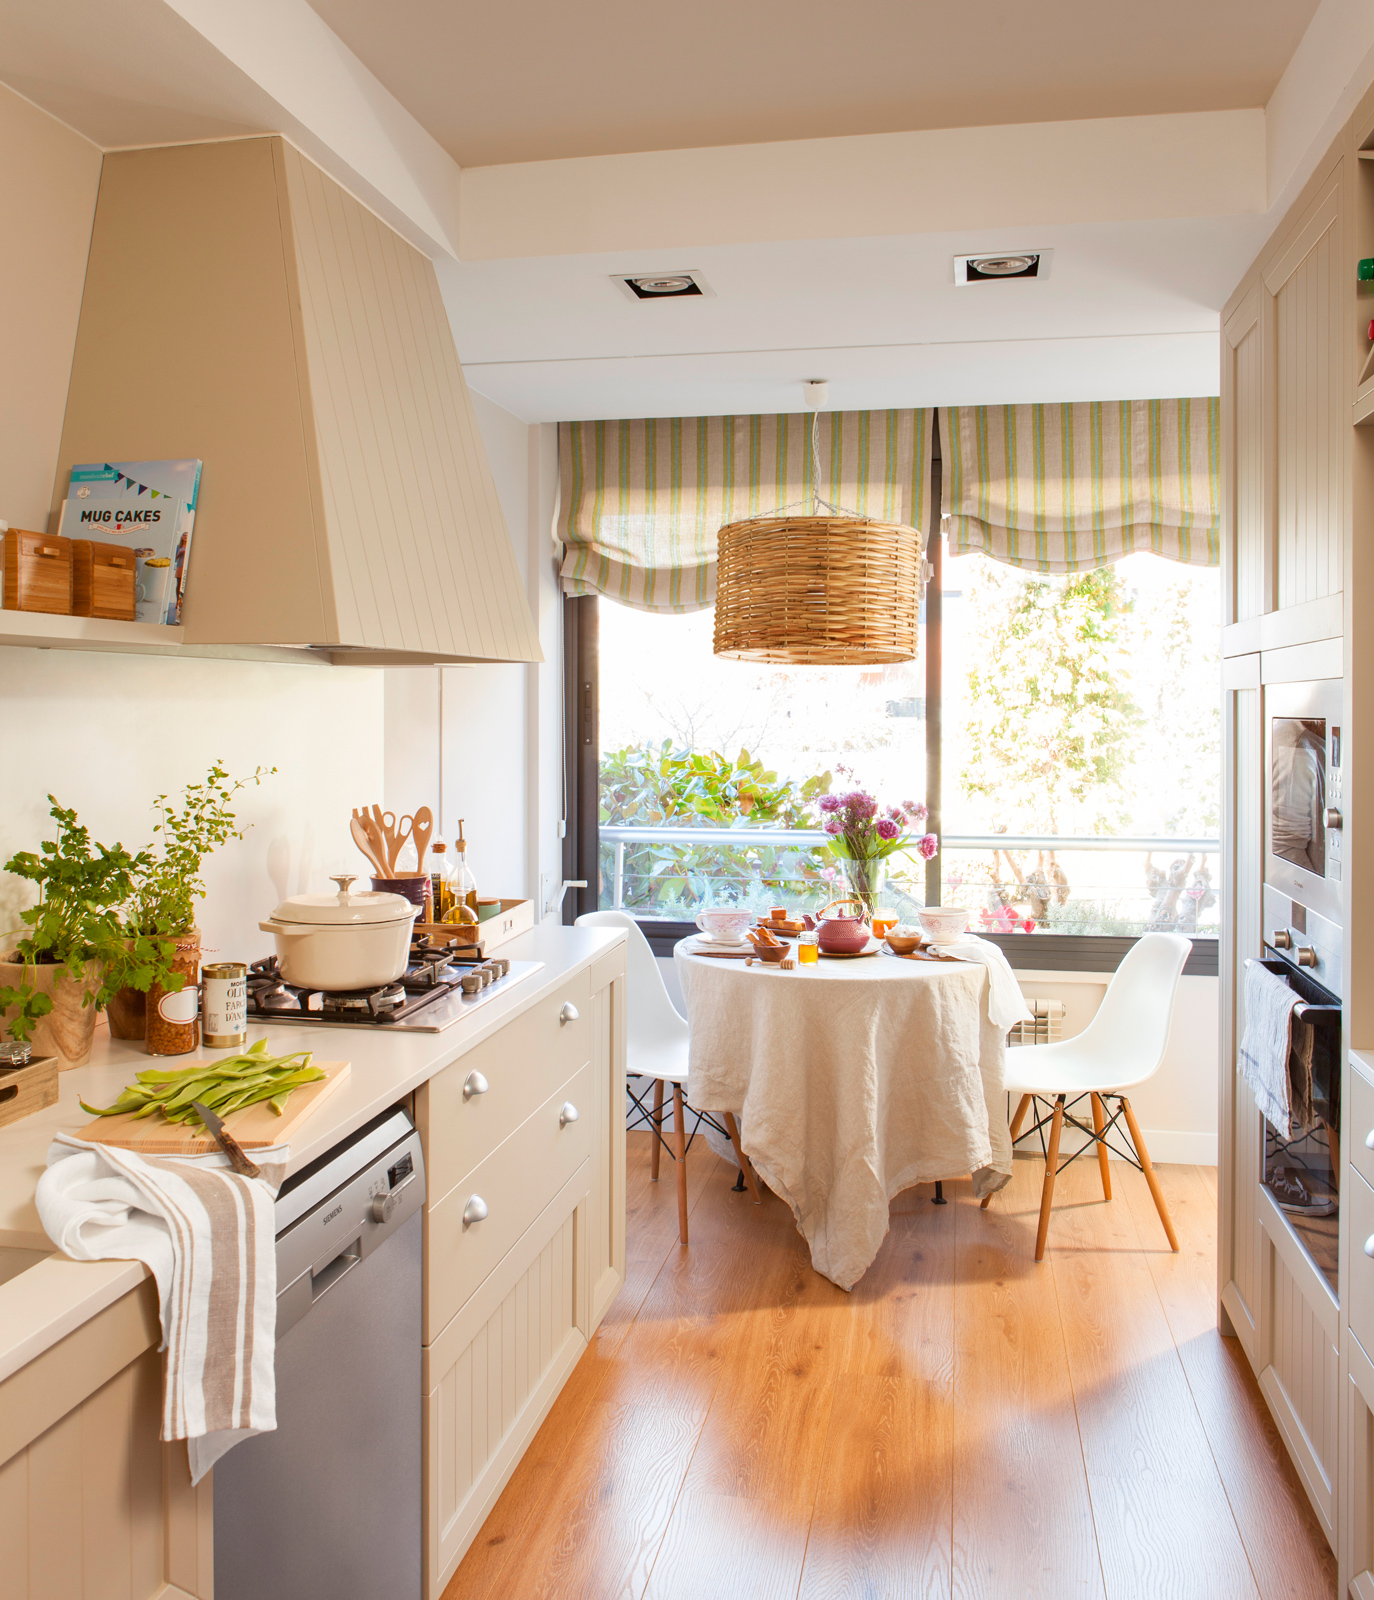 Una cocina peque a con mucho orden y un office for Muebles cocina chica